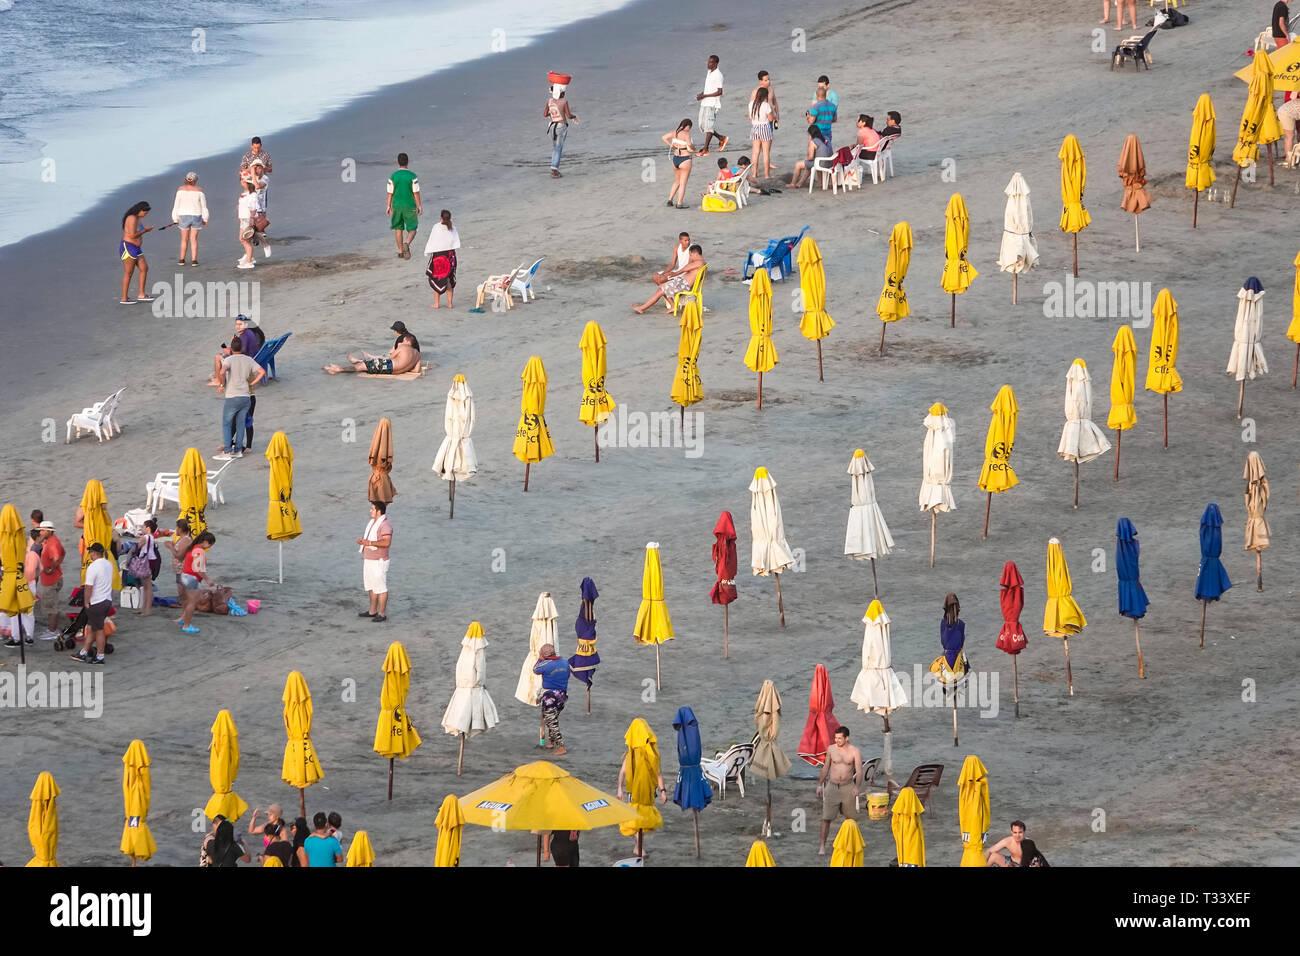 Colombia, Cartagena, Bocagrande, Playa Pública del Mar Caribe, agua de arena, sombrillas alquiler amarillo, hispanos latinos latinos etnias Foto de stock